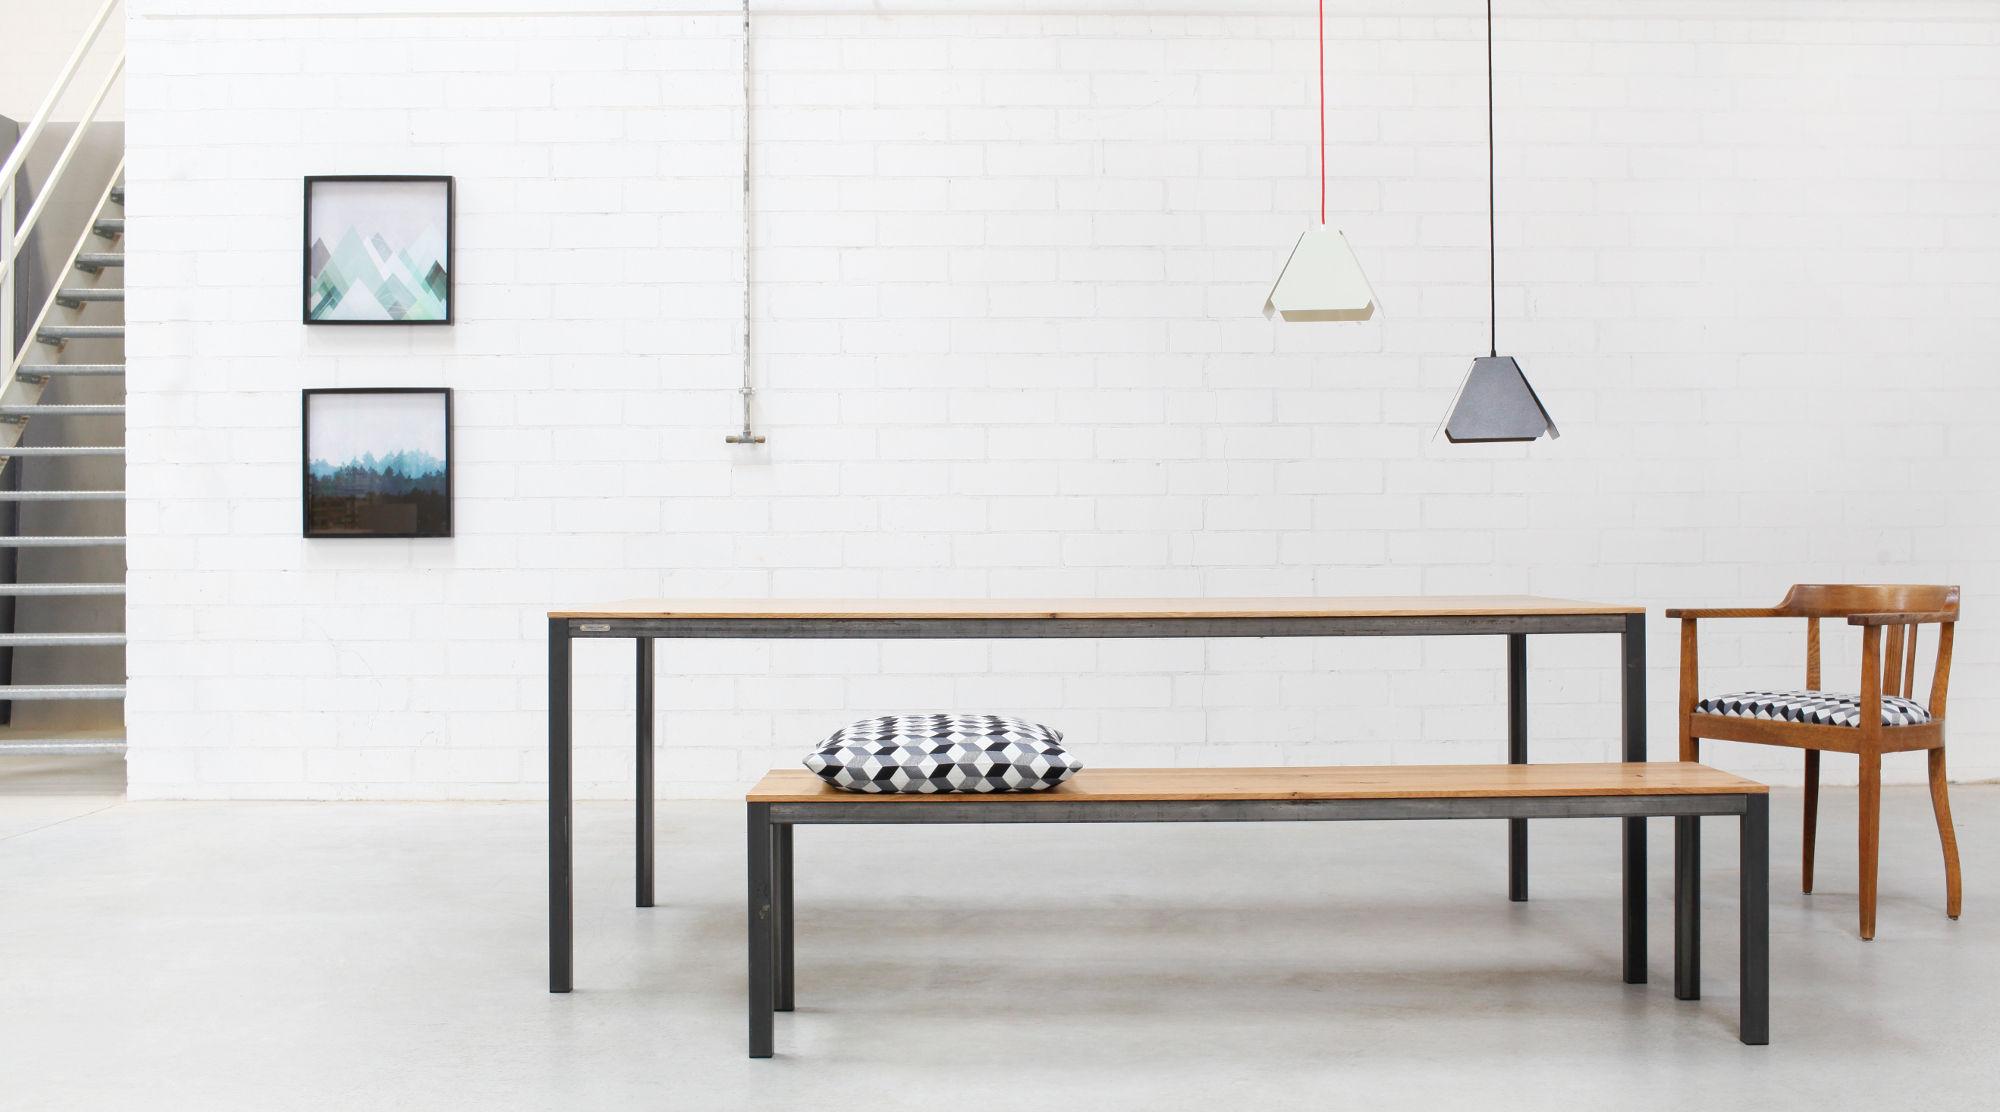 Full Size of Design Esstisch Carl Goldau Noelle Esstische Holz Designer Badezimmer Kleine Bett Modern Betten Küche Industriedesign Moderne Lampen Massivholz Esstische Esstische Design